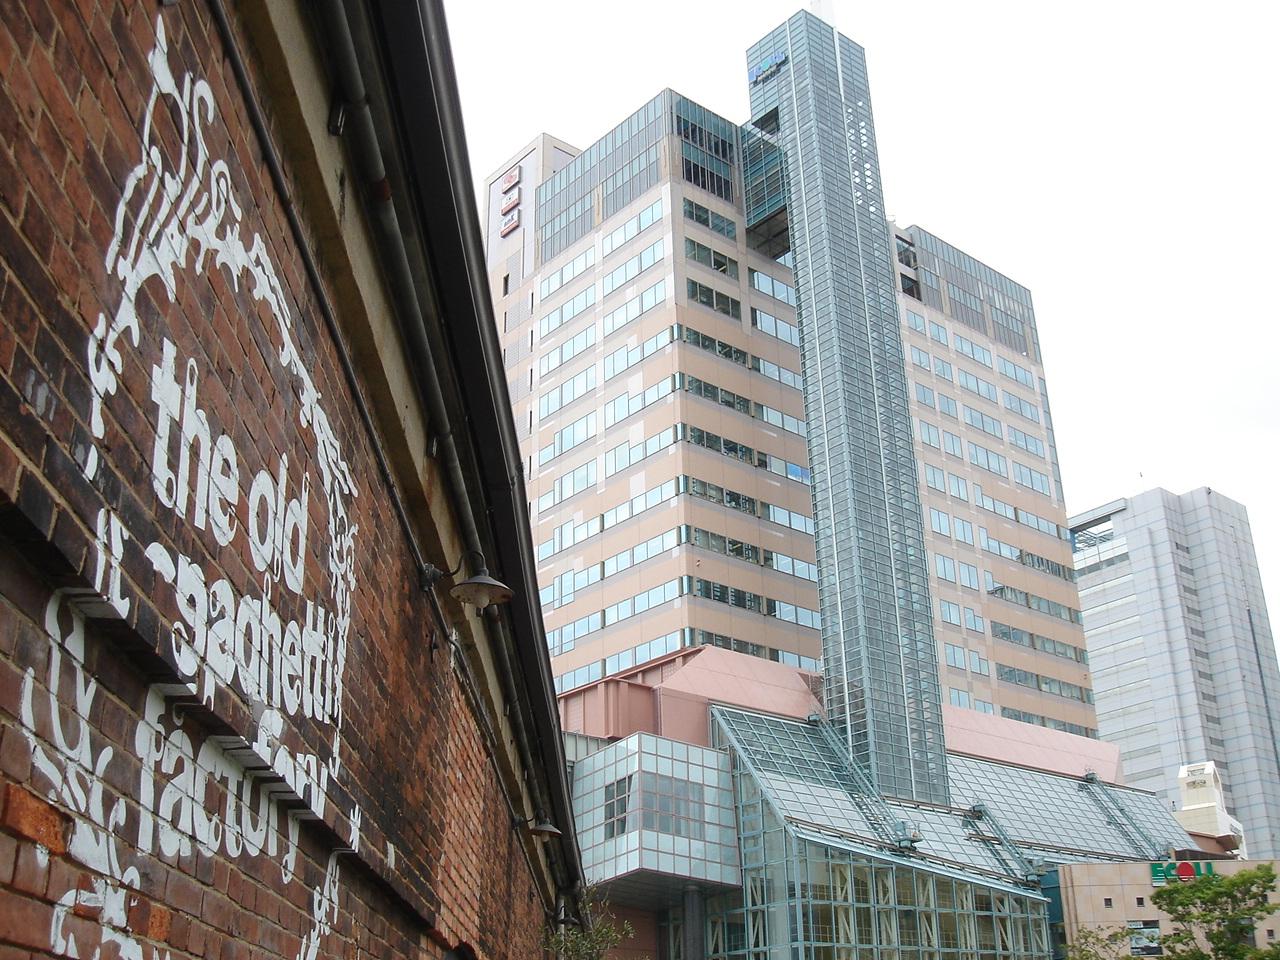 20060719神戸6レンガ倉庫とビル群27